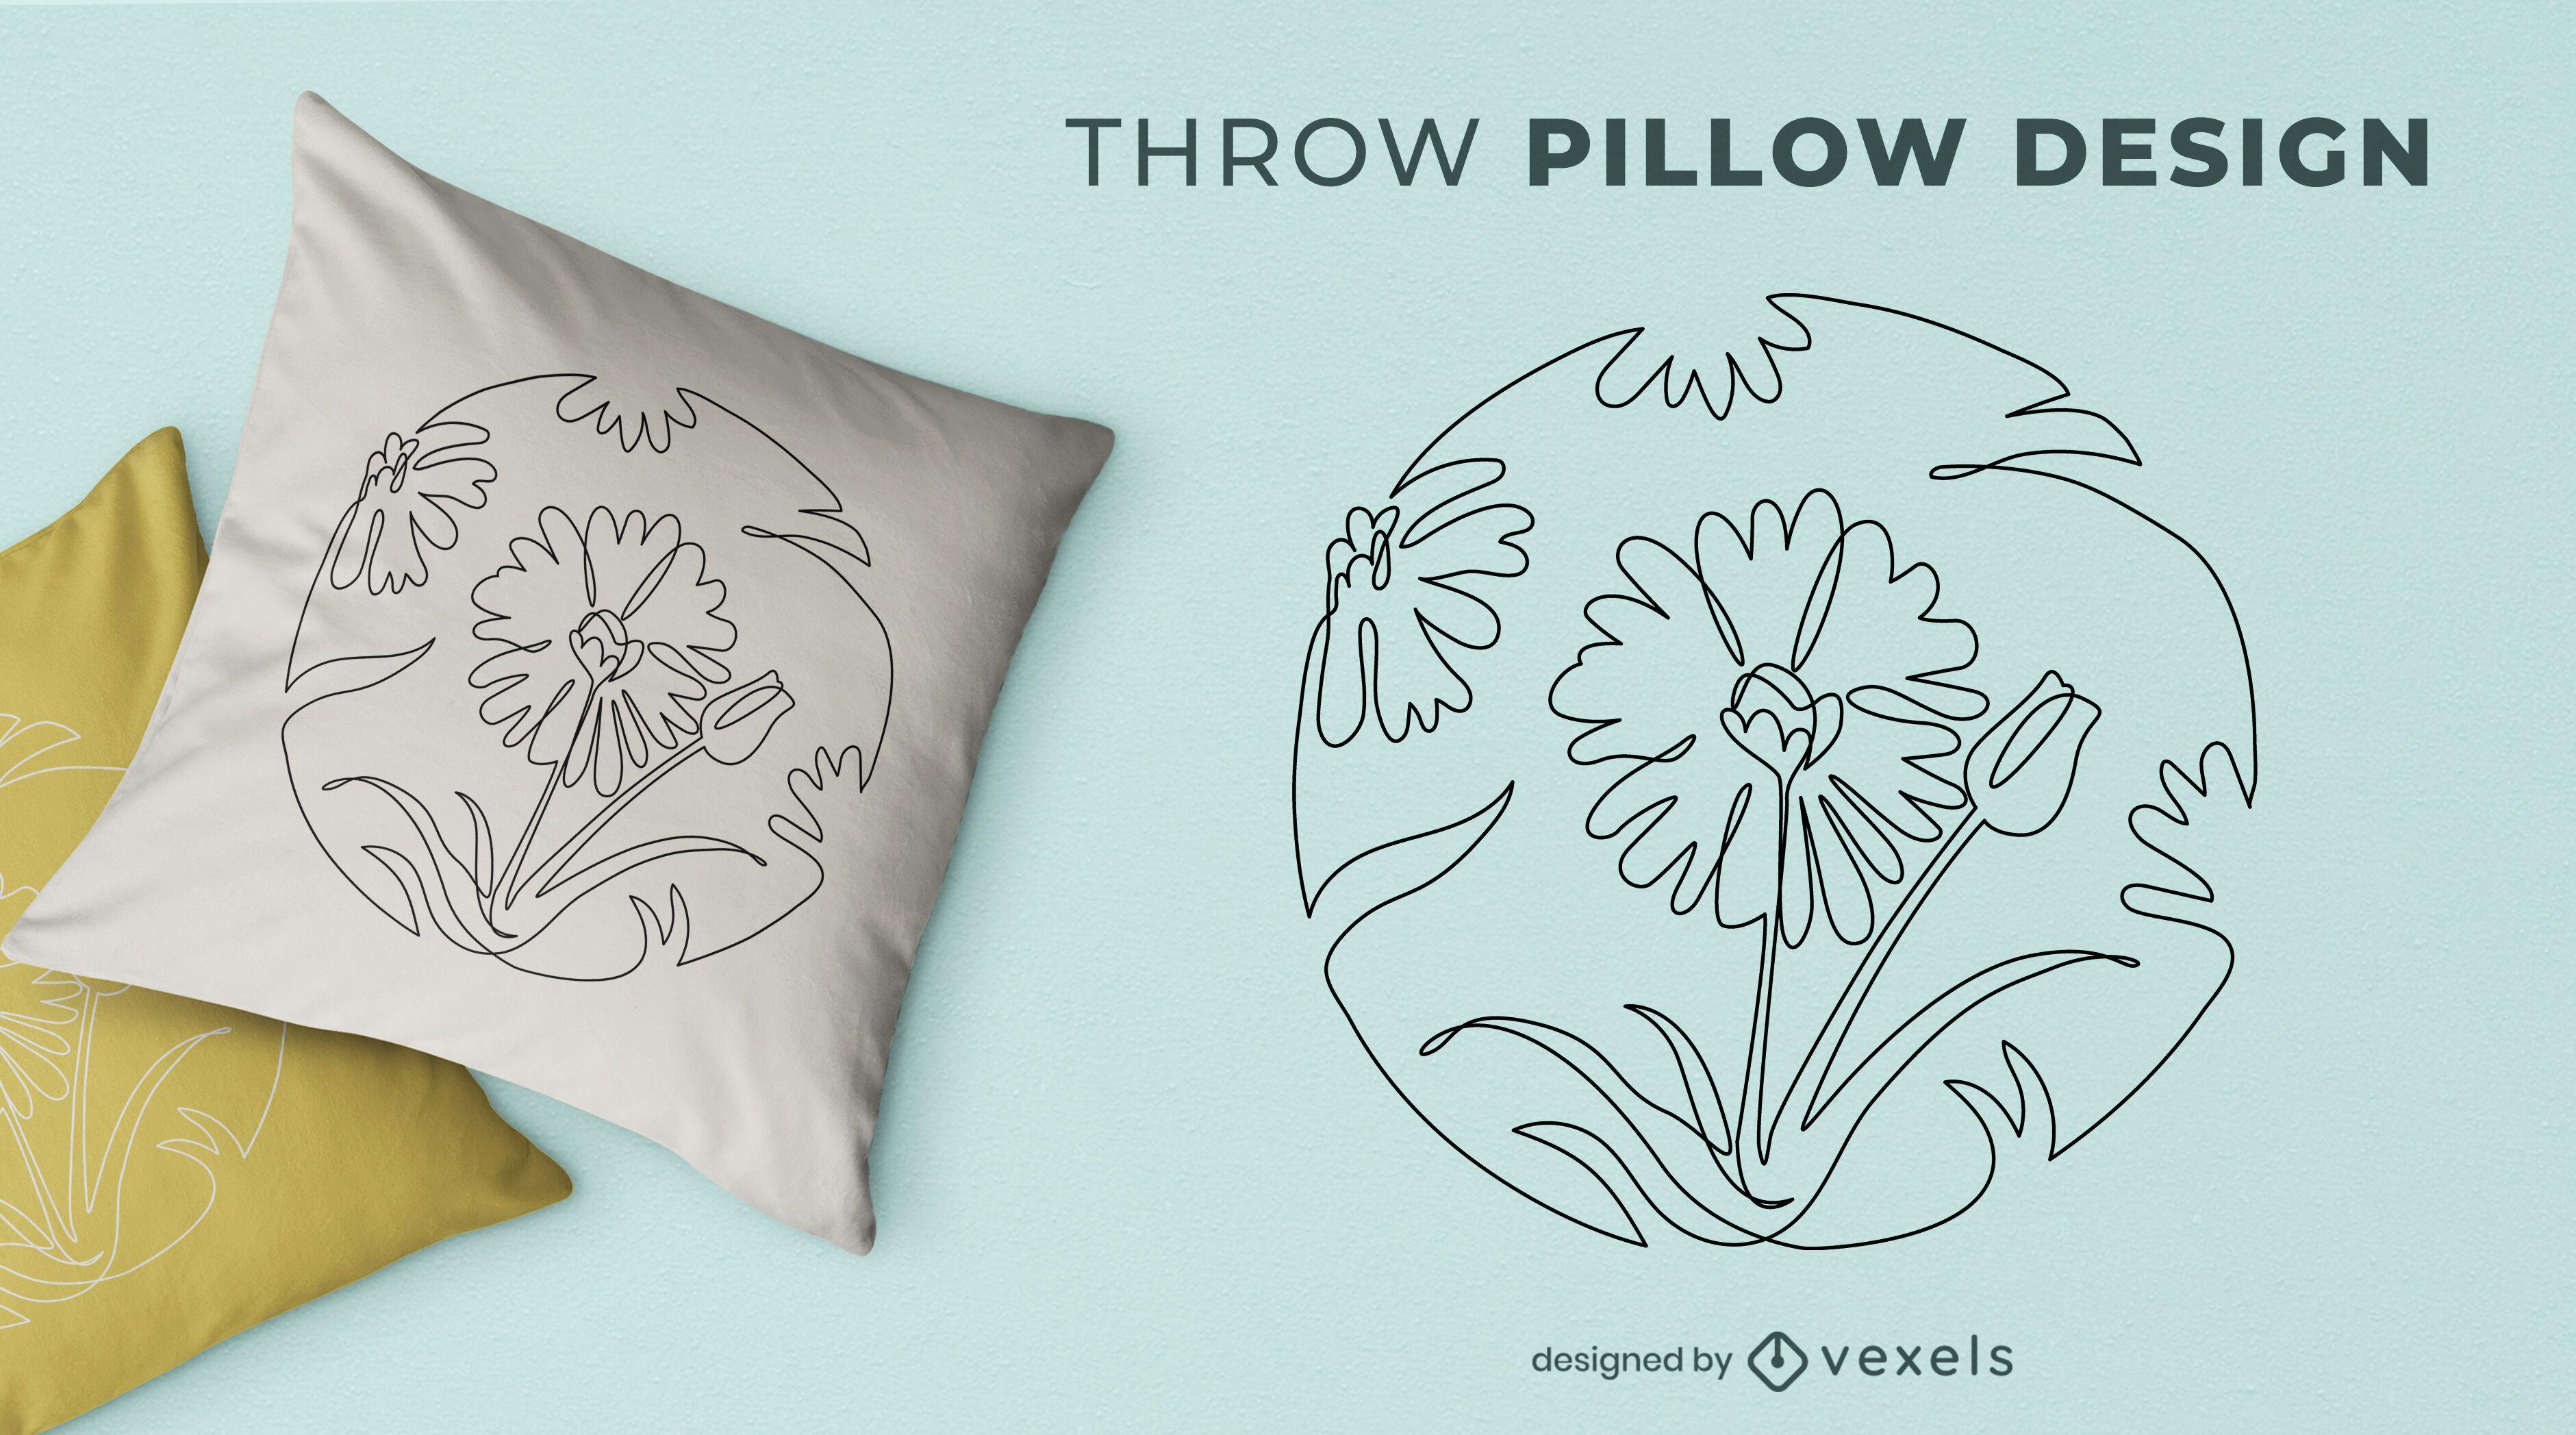 Diseño de almohada de tiro de flores de línea continua